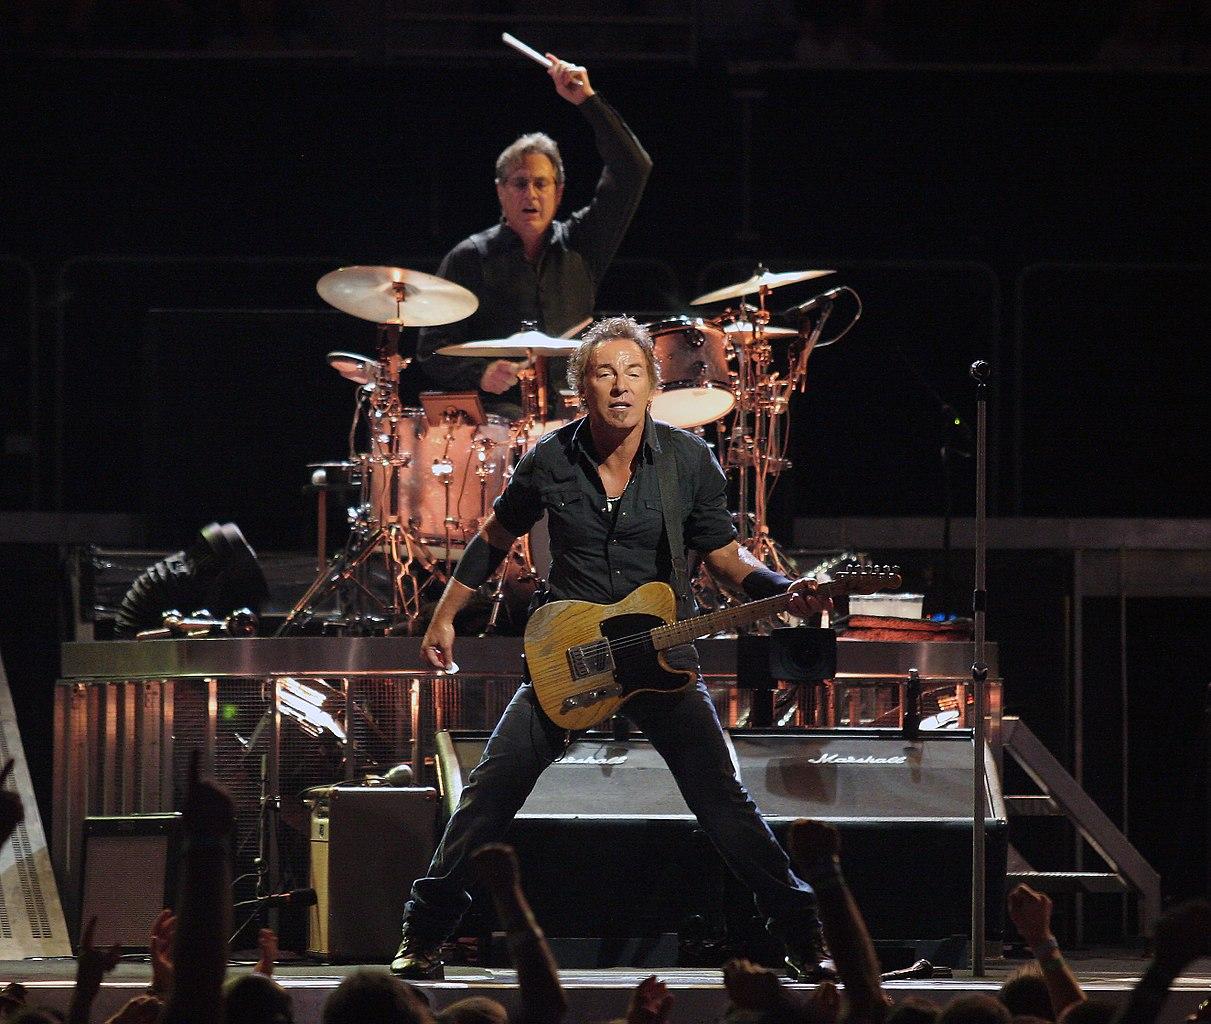 1211px Bruce Springsteen 20080815 - Bruce Springsteen y la corriente psicoanalítica